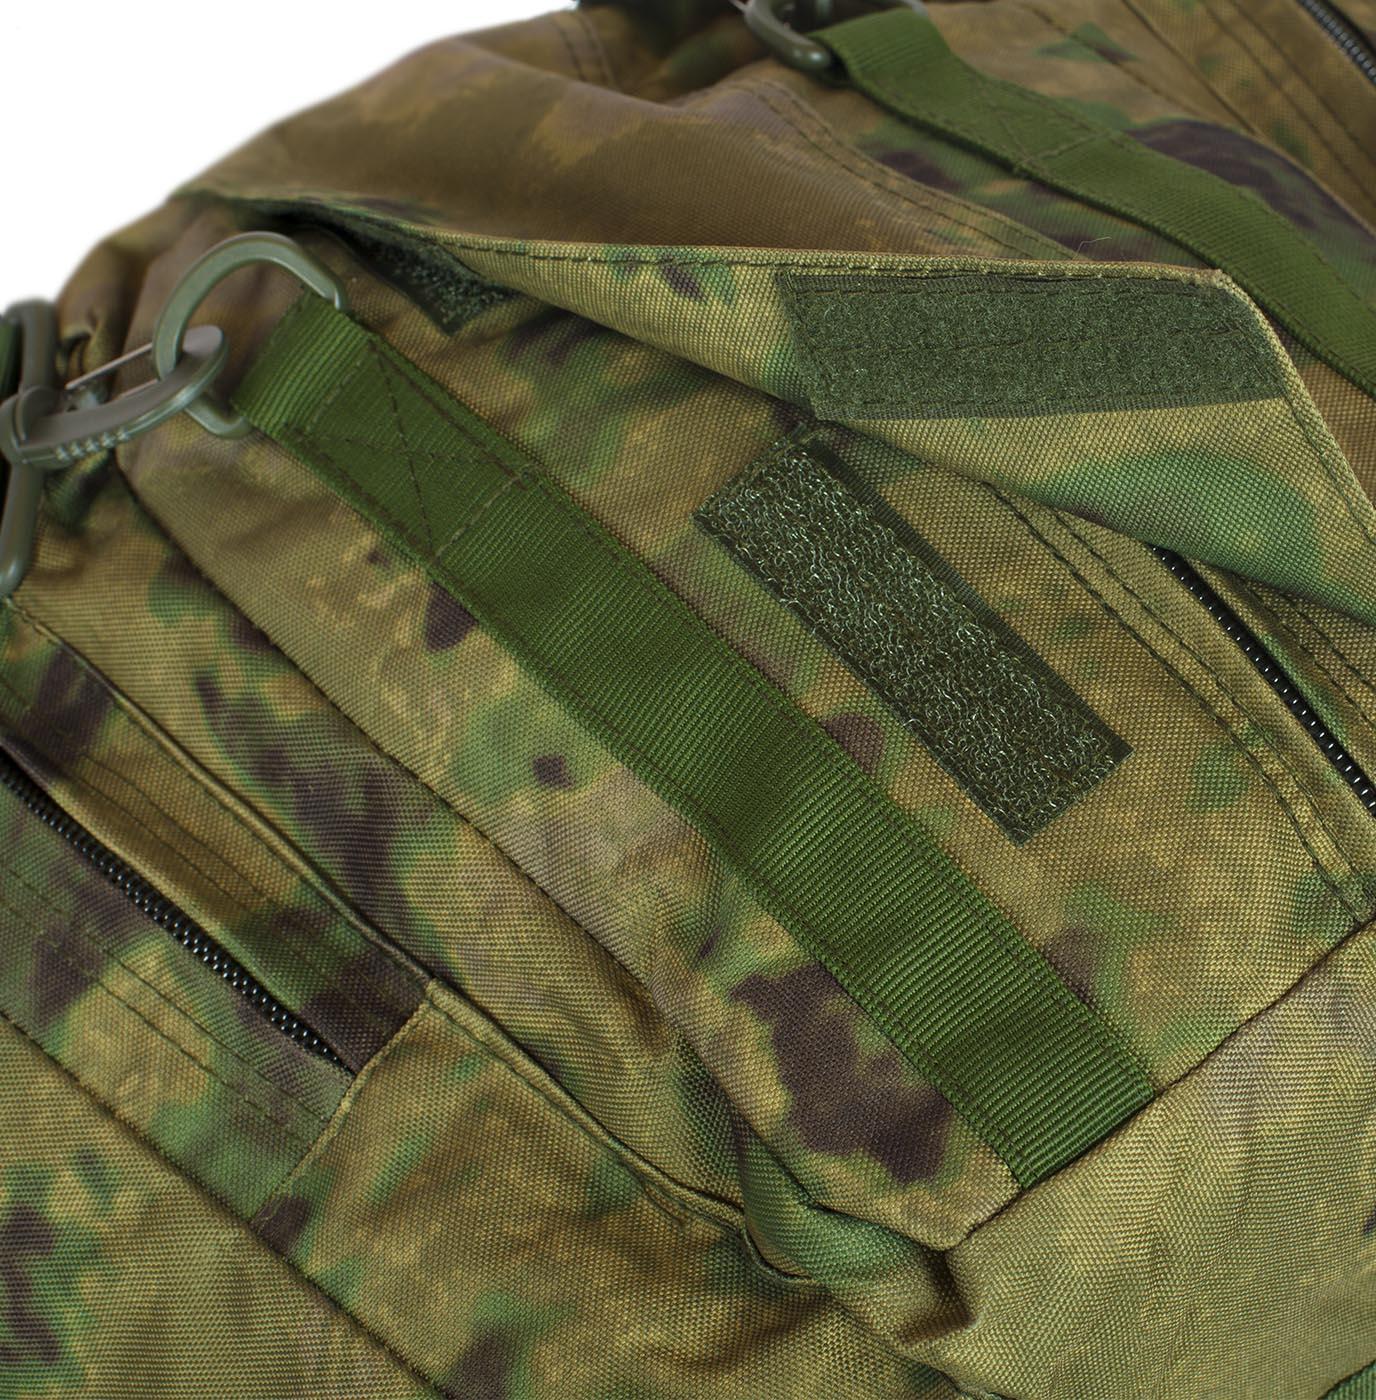 НОВАЯ ПОСТАВКА! Тактическая сумка десантника